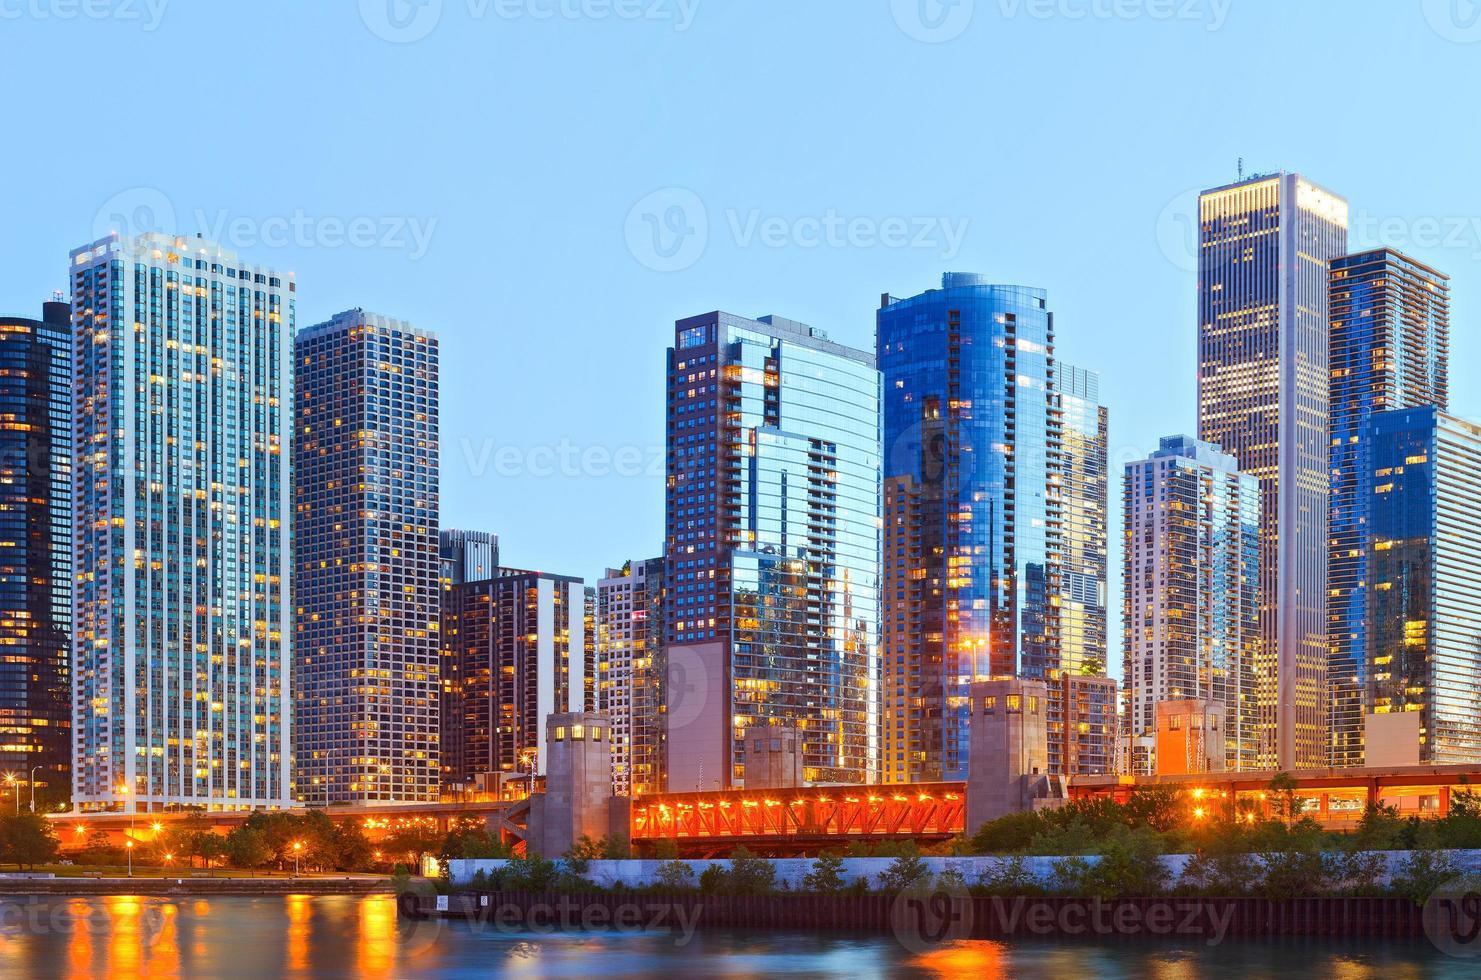 färgglada byggnader i centrala chicago under solnedgång foto